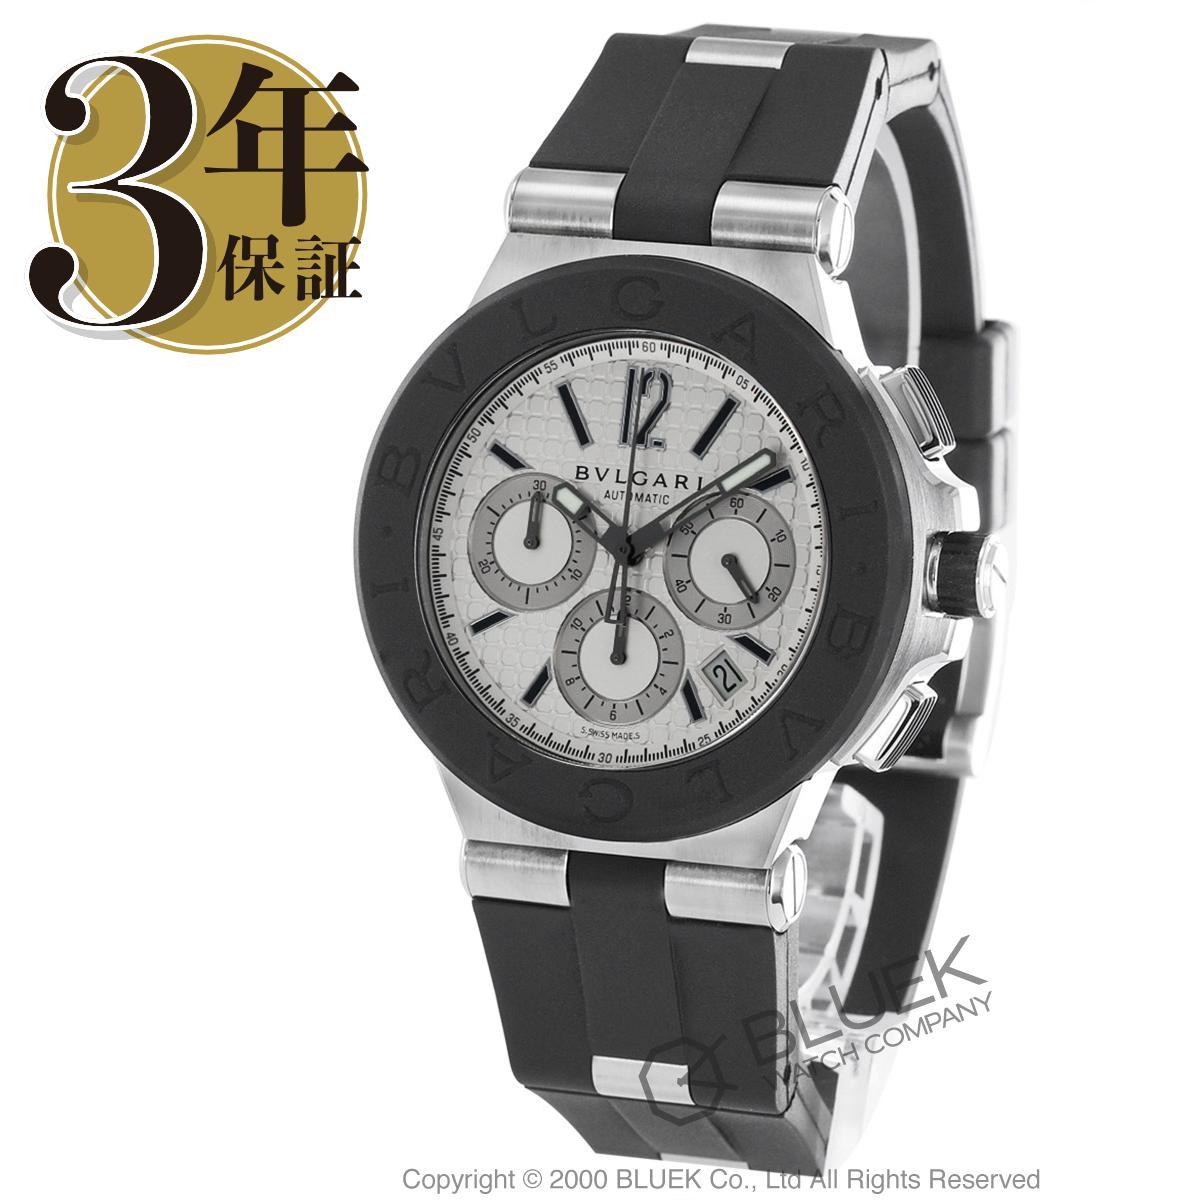 ブルガリ ディアゴノ クロノグラフ 腕時計 メンズ BVLGARI DG42C6SVDCH_8